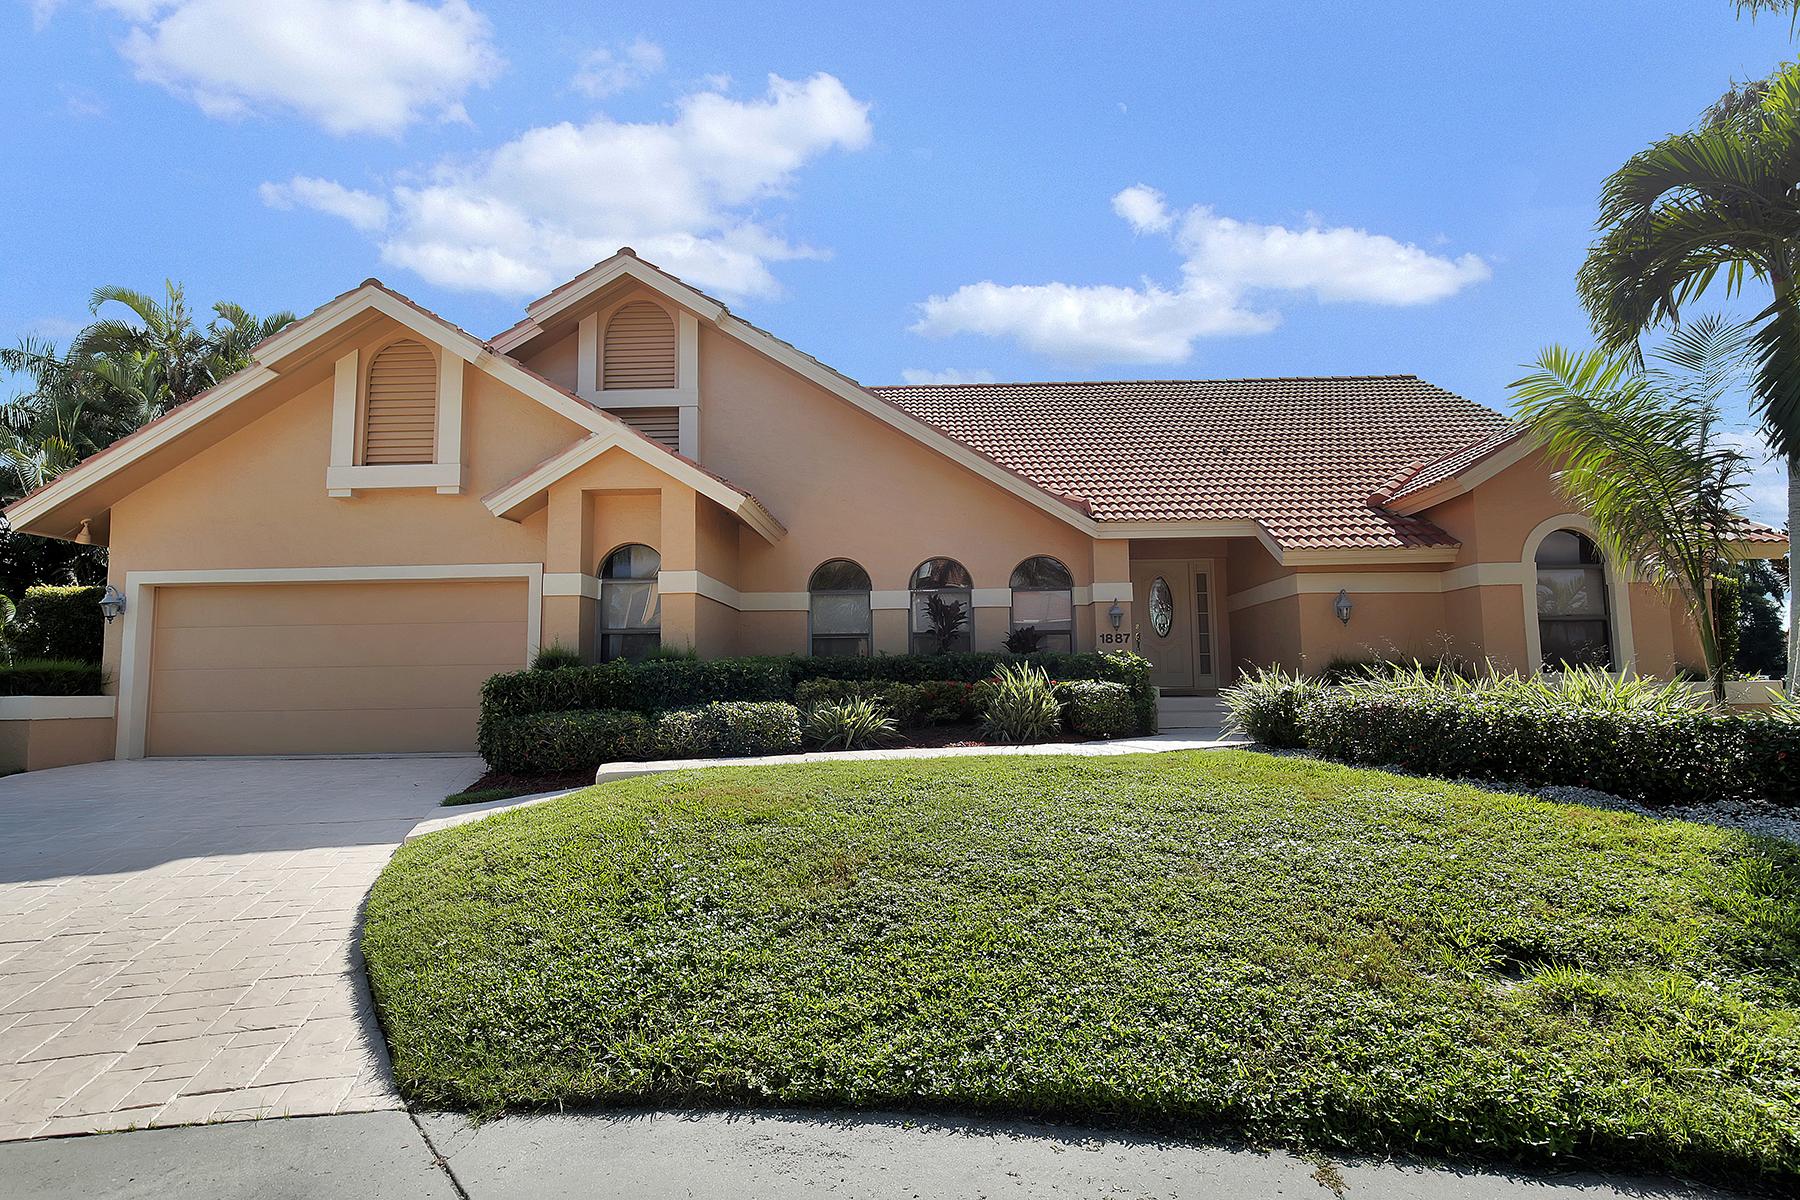 Casa para uma família para Venda às MARCO ISLAND - CASCADE COURT 1887 Cascade Ct Marco Island, Florida 34145 Estados Unidos